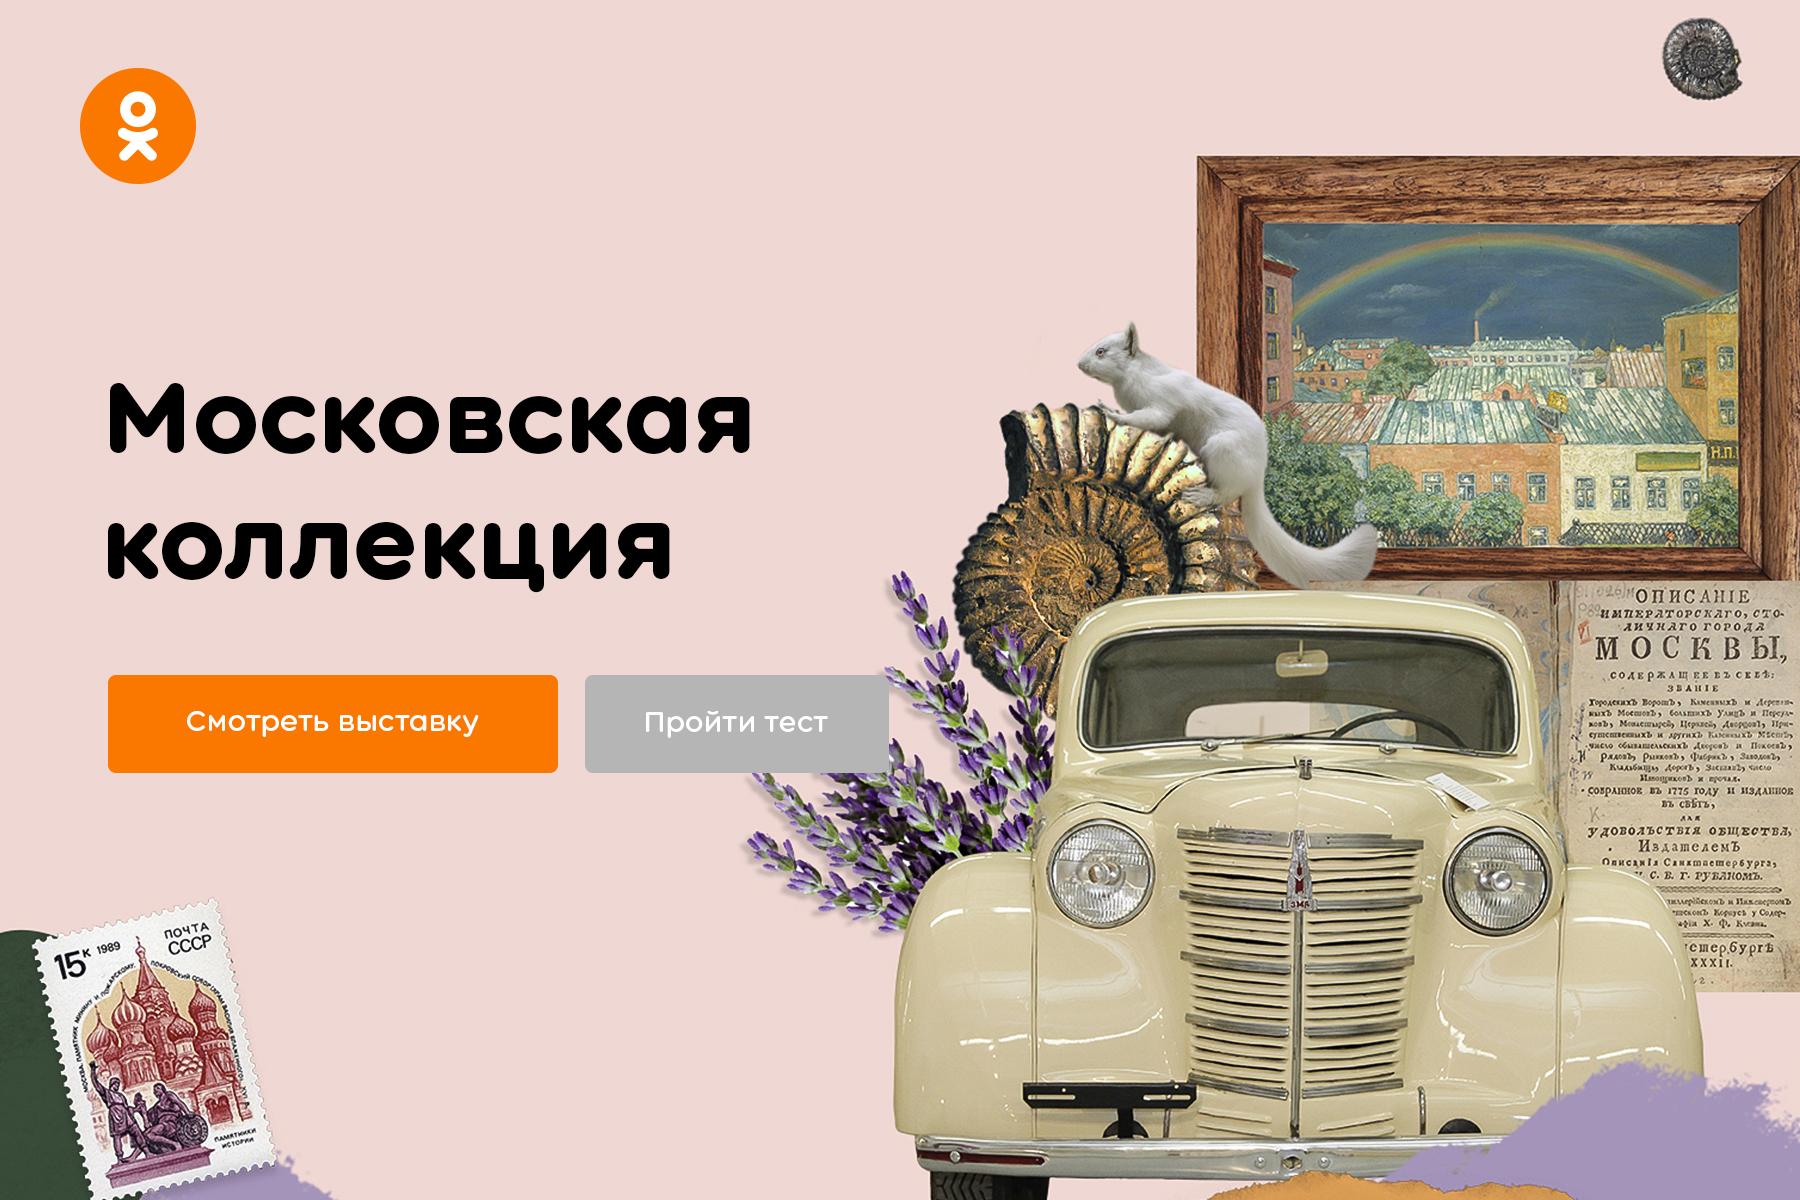 Одноклассники ко Дню города запускают виртуальную выставку по музеям Москвы с аудиогидами от звёзд